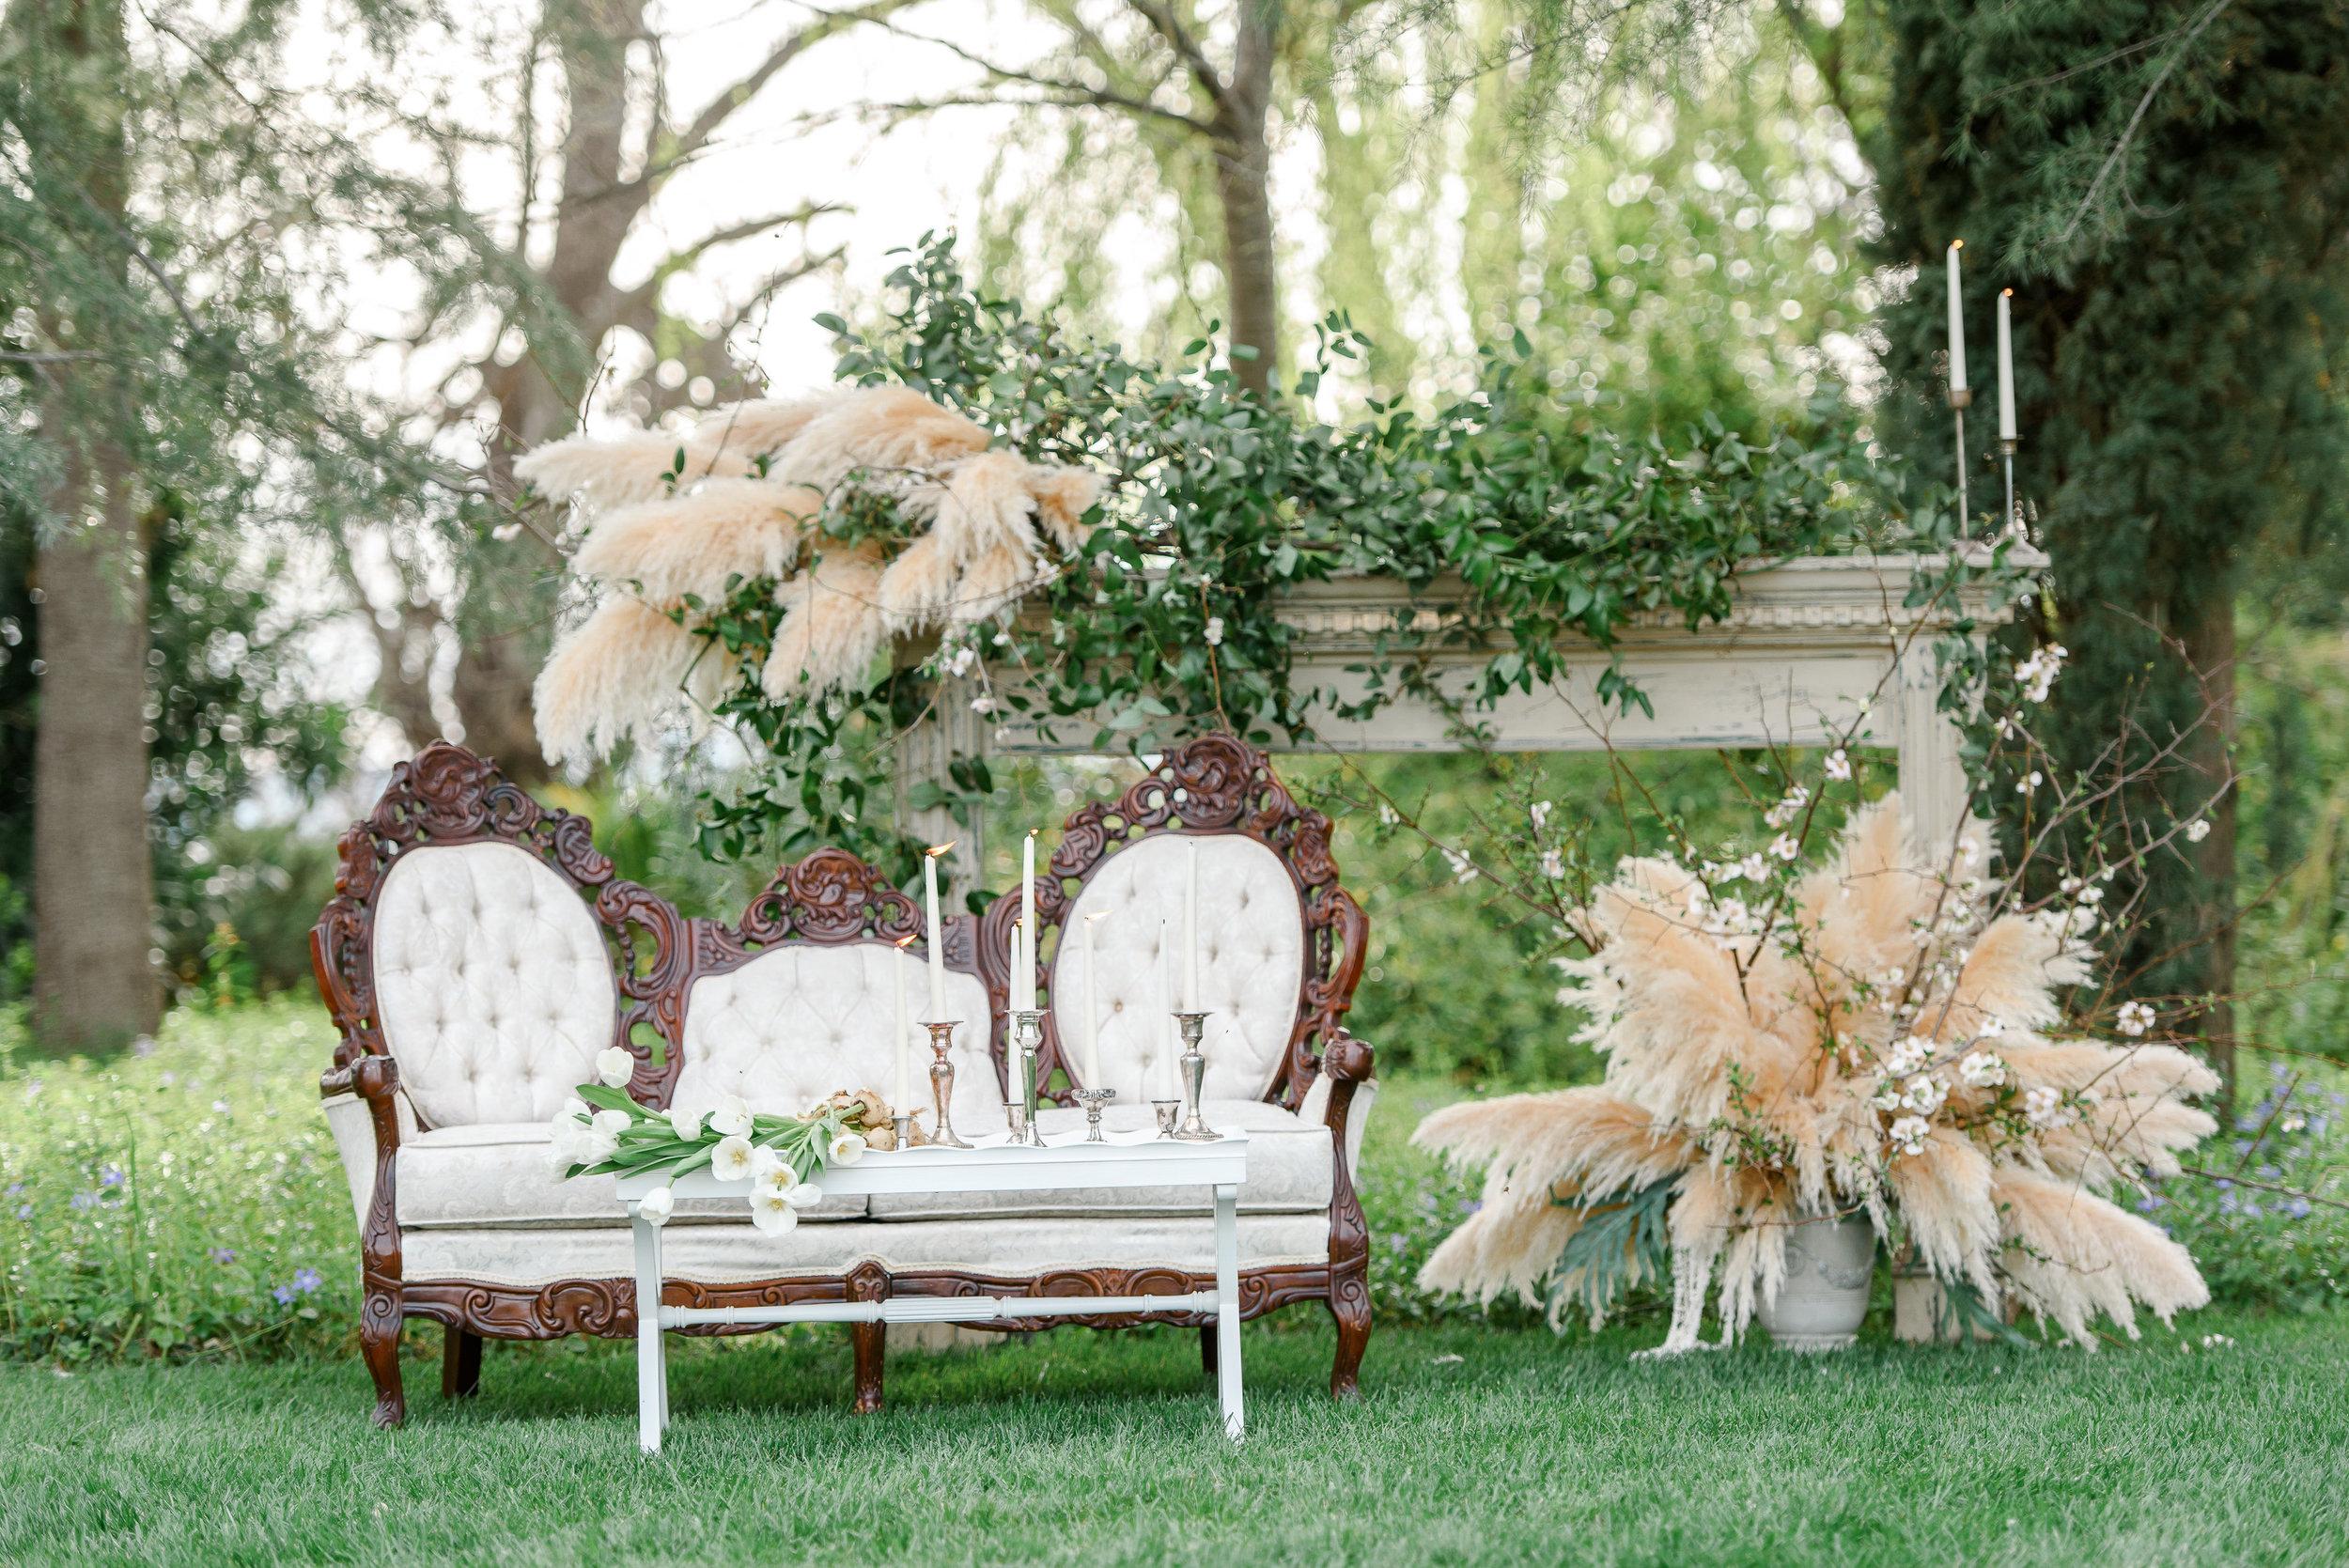 Wedding Seating | Wedding Lounge Seating | Pampas Grass